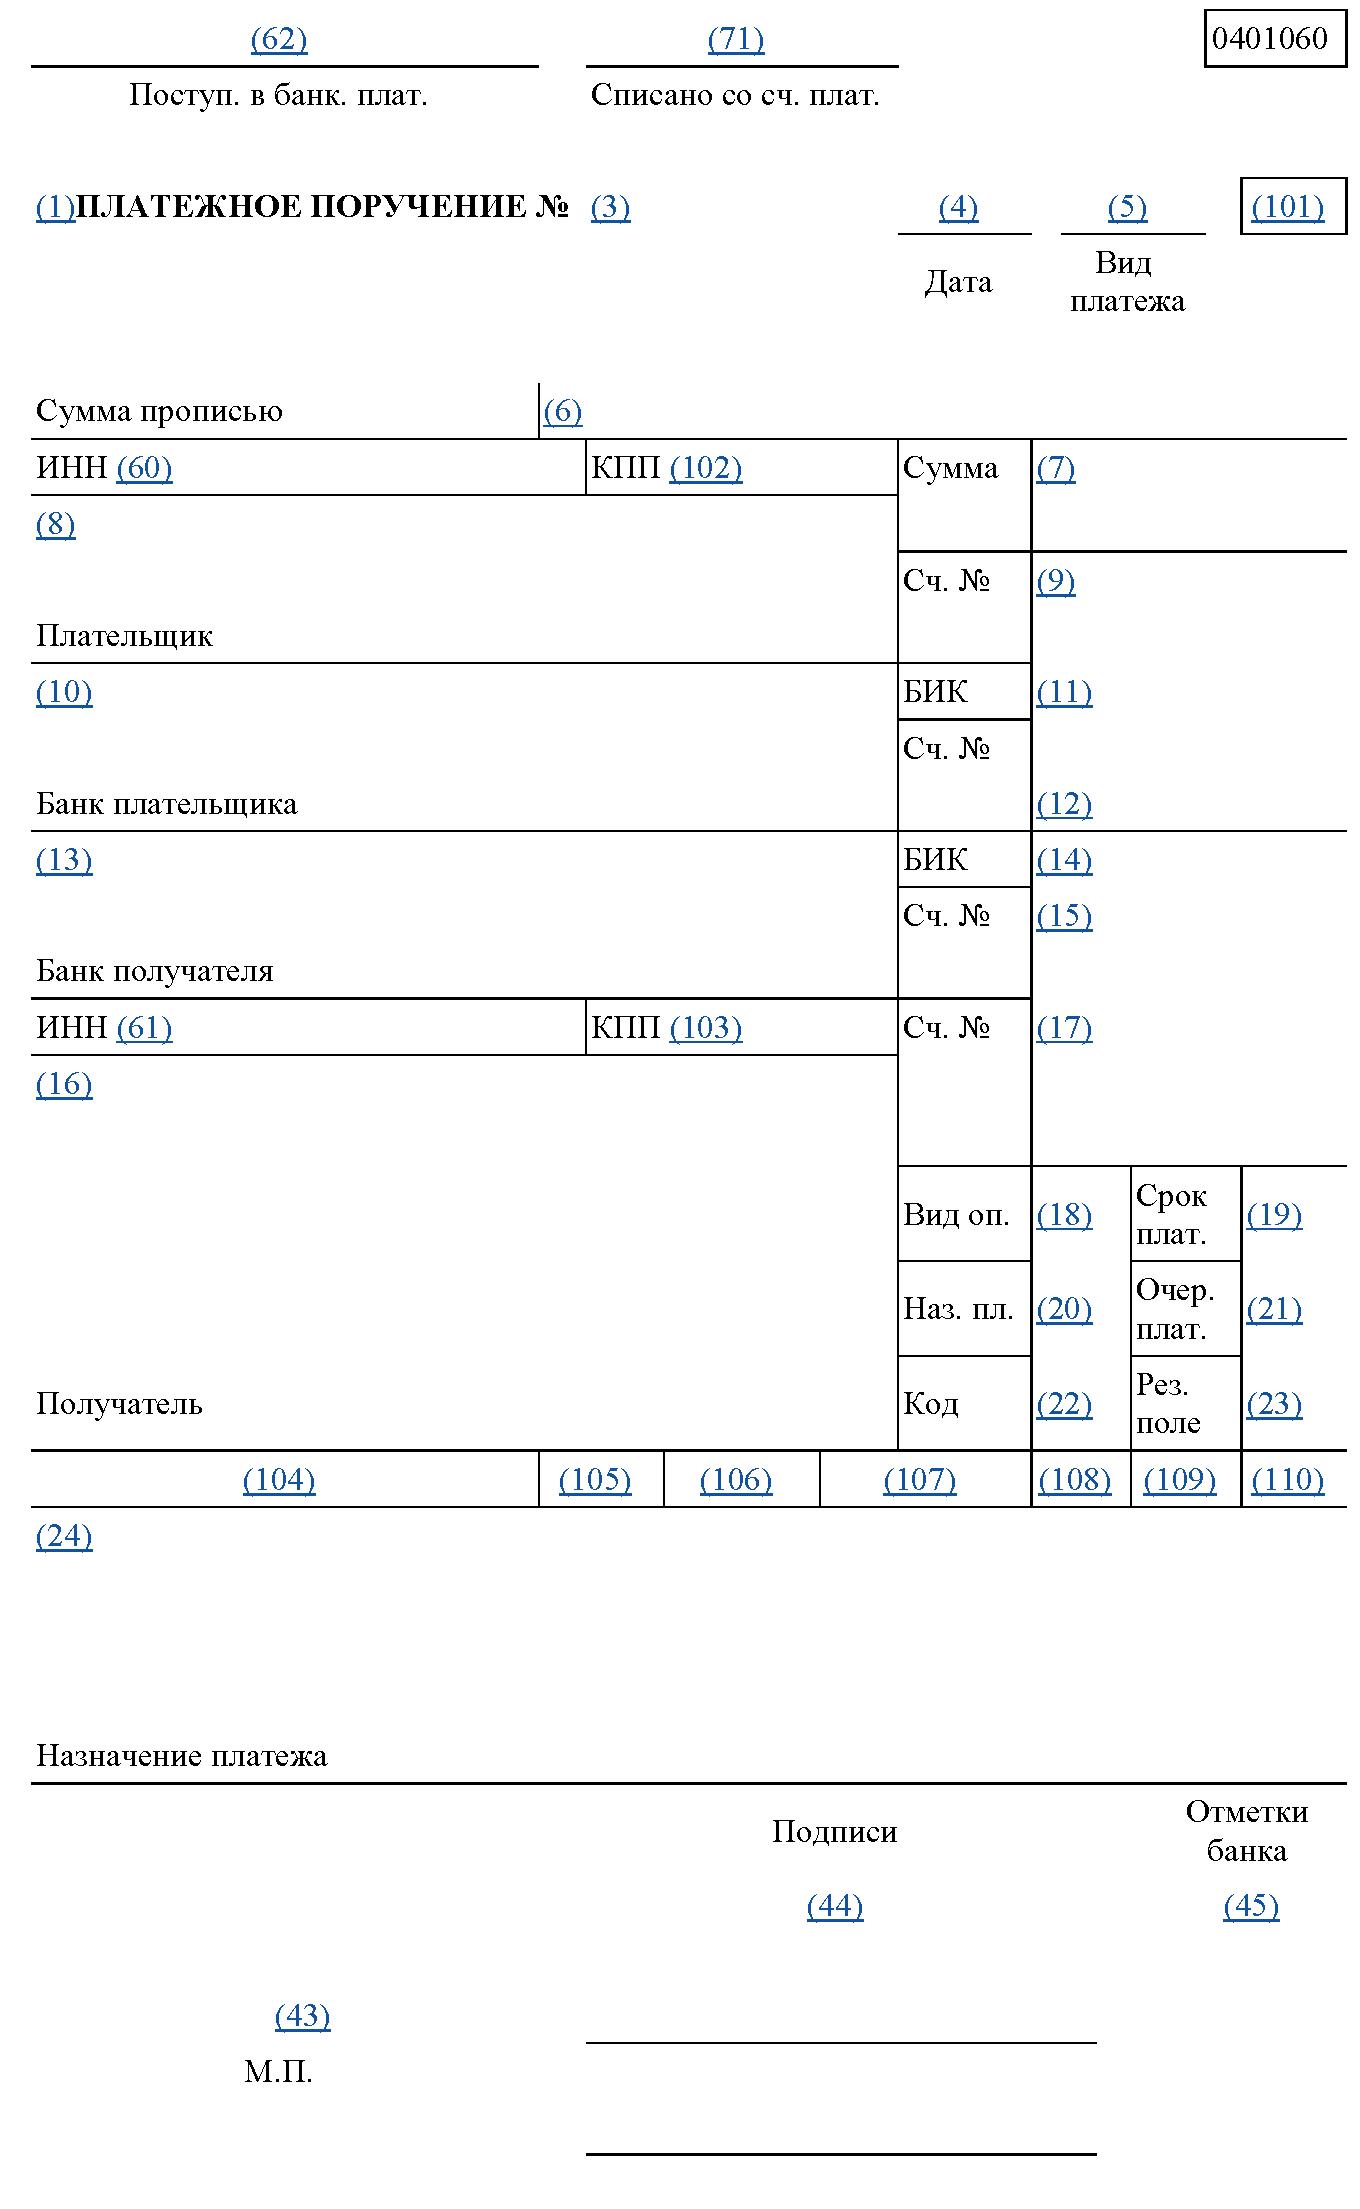 штамп банка на платежном поручении образец